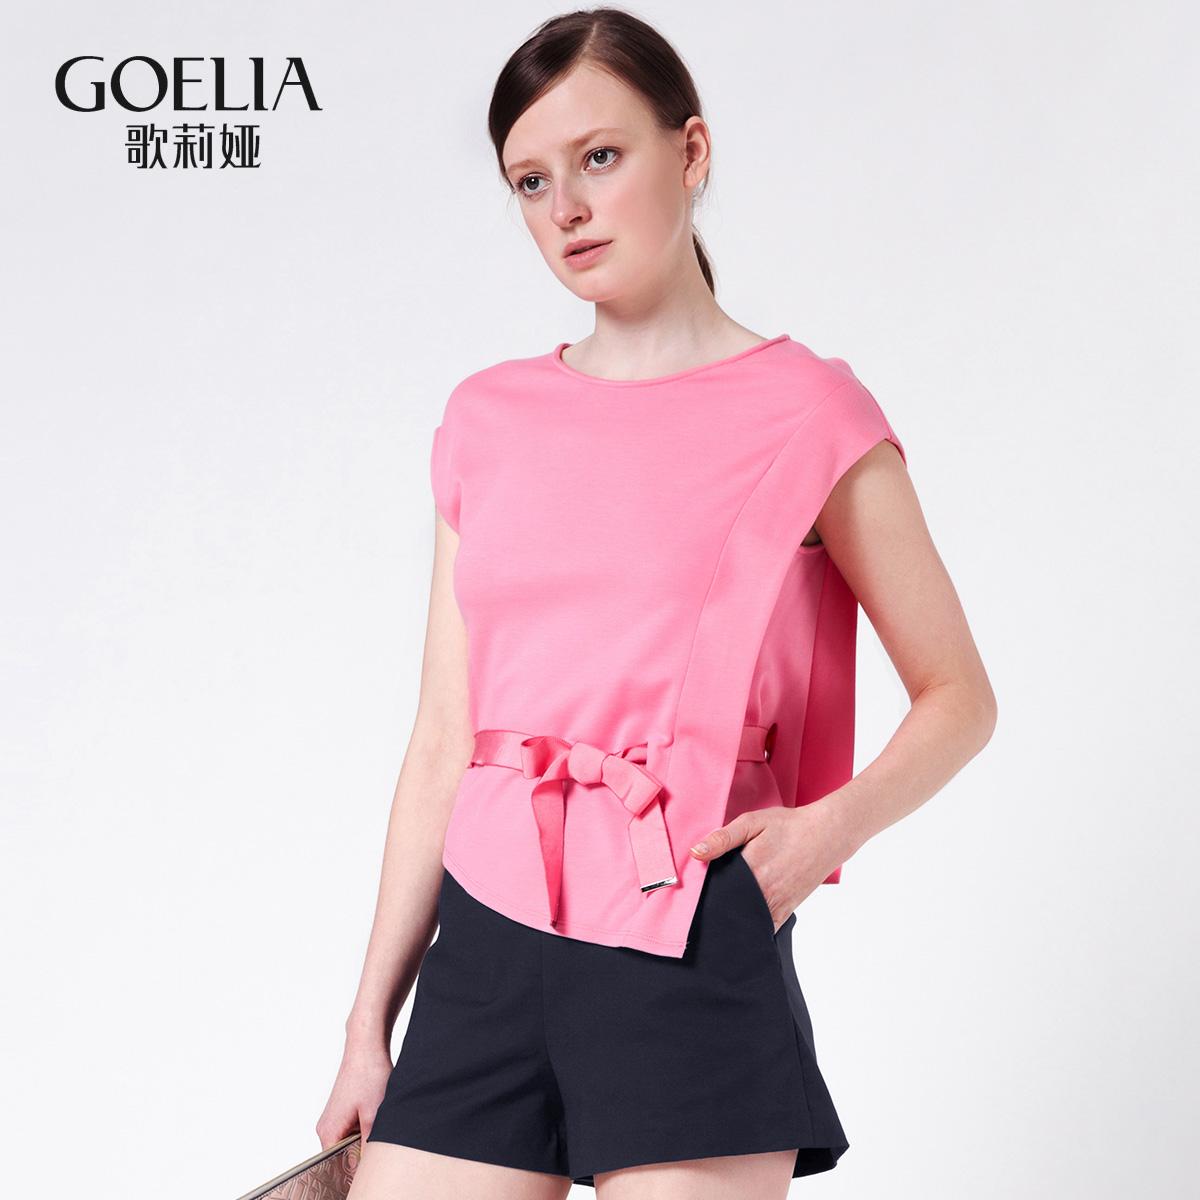 歌莉娅女装 GLORIA歌莉娅 倒梯型配腰带针织衫不规则上衣166E0A030_推荐淘宝好看的歌莉娅